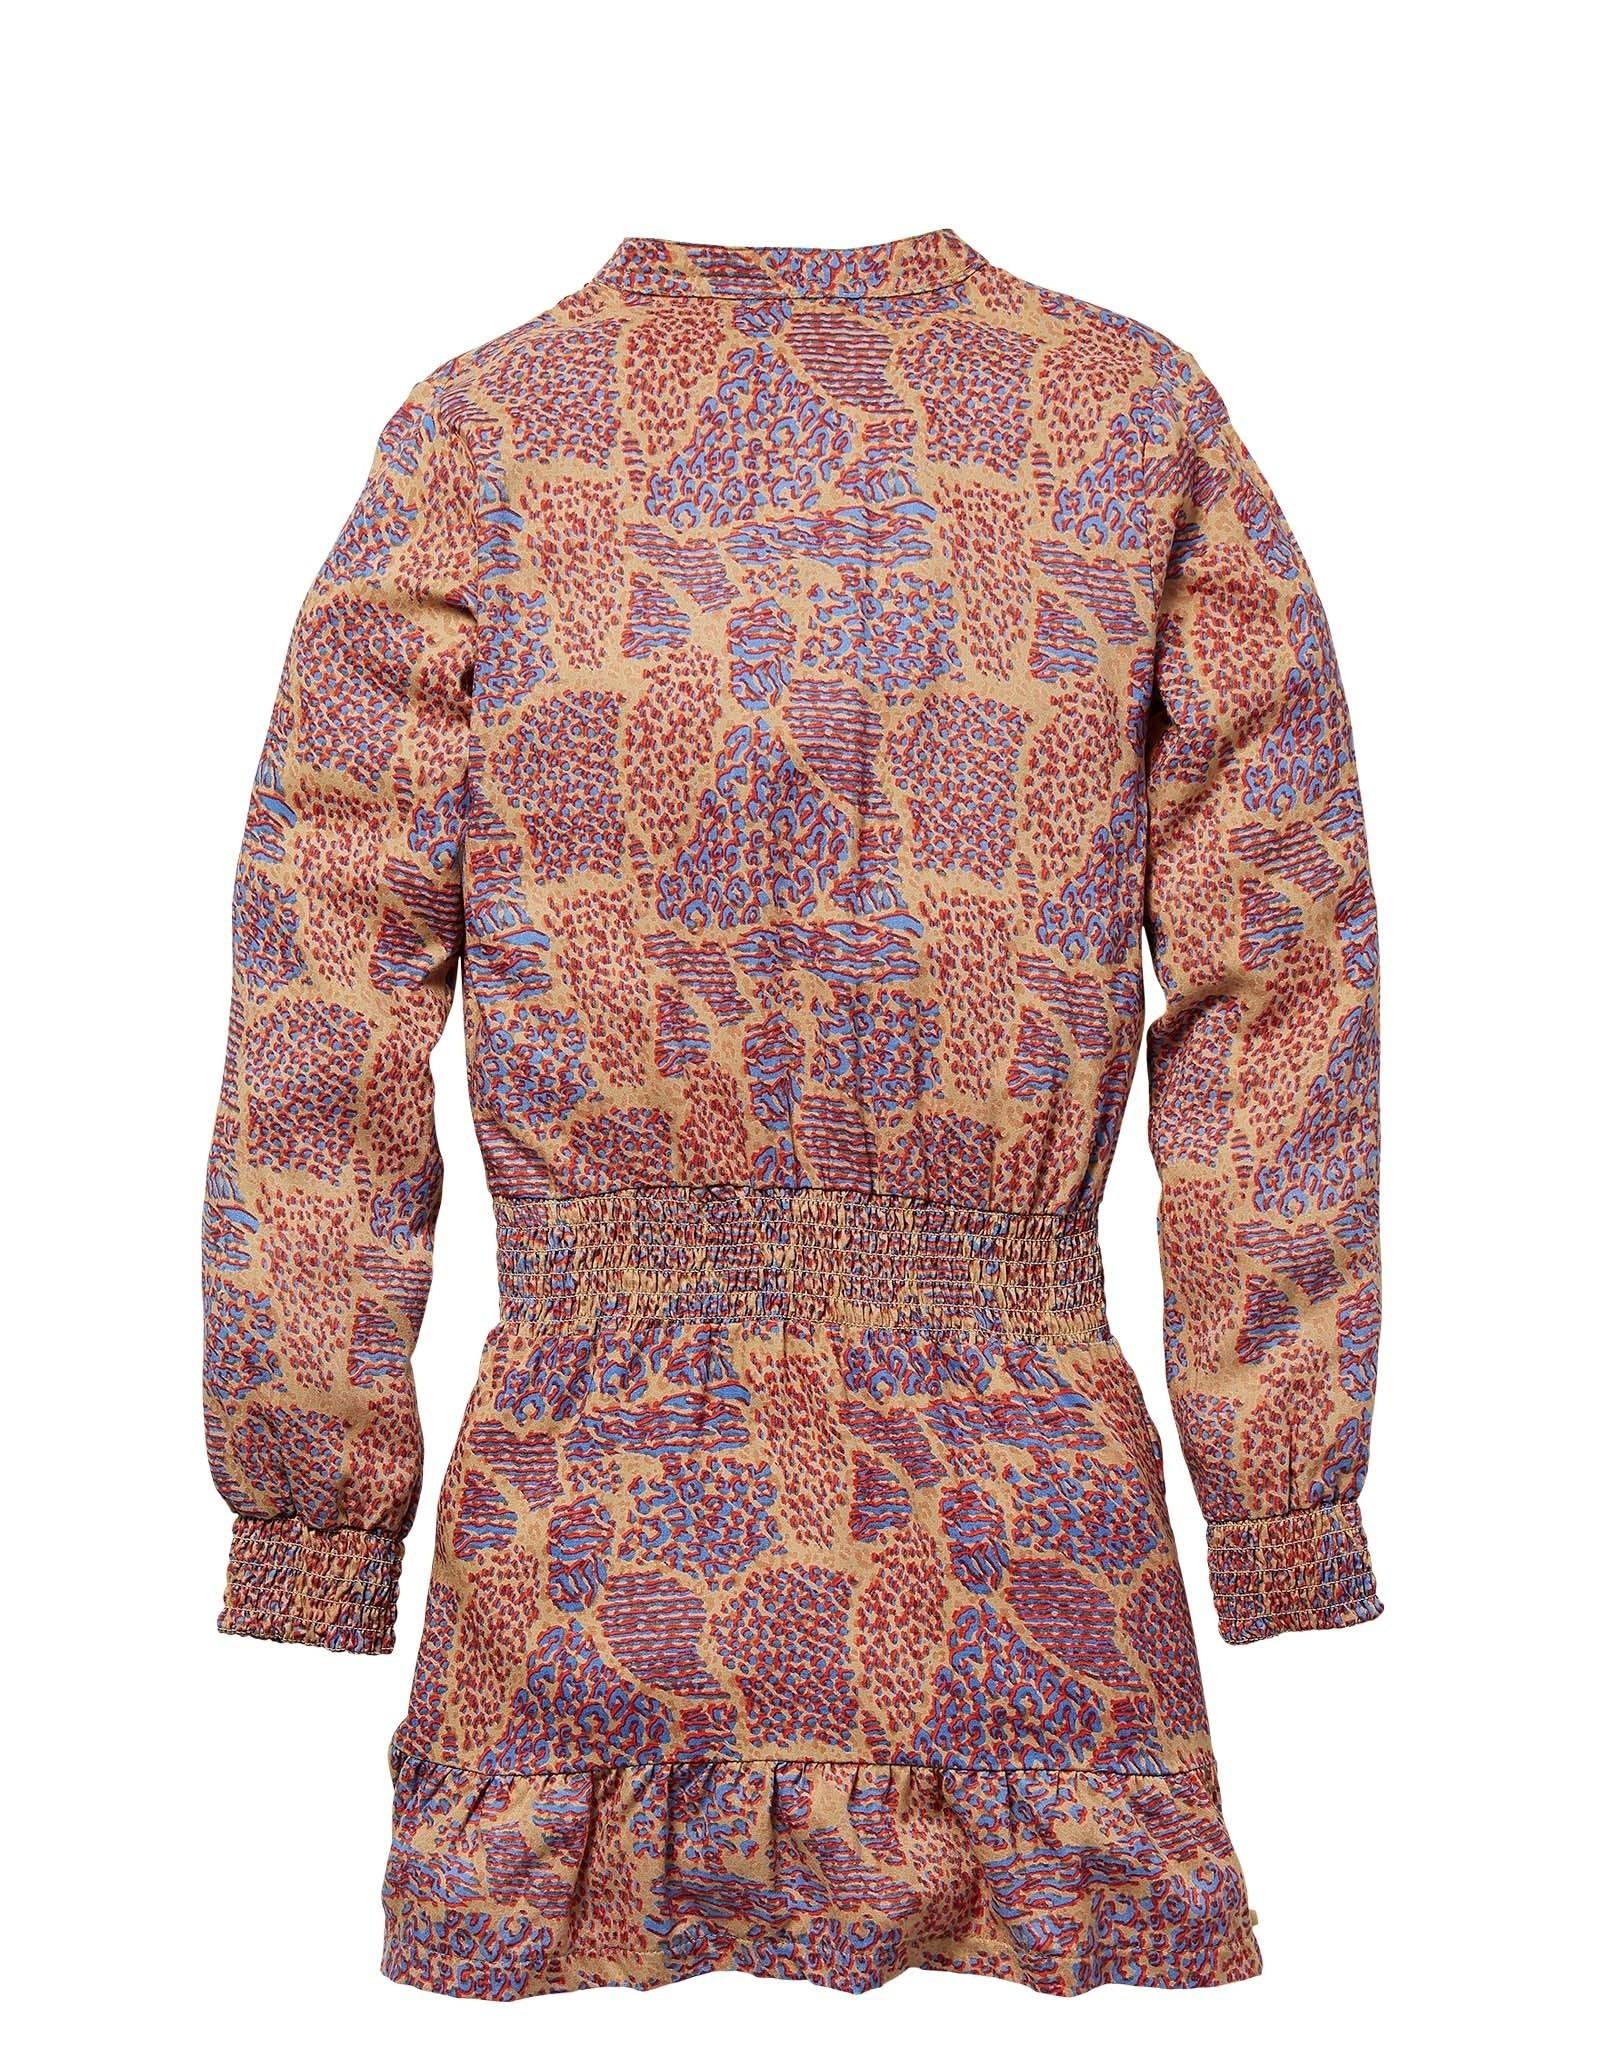 Quapi Quapi jurk KAMILA caramel animal aop